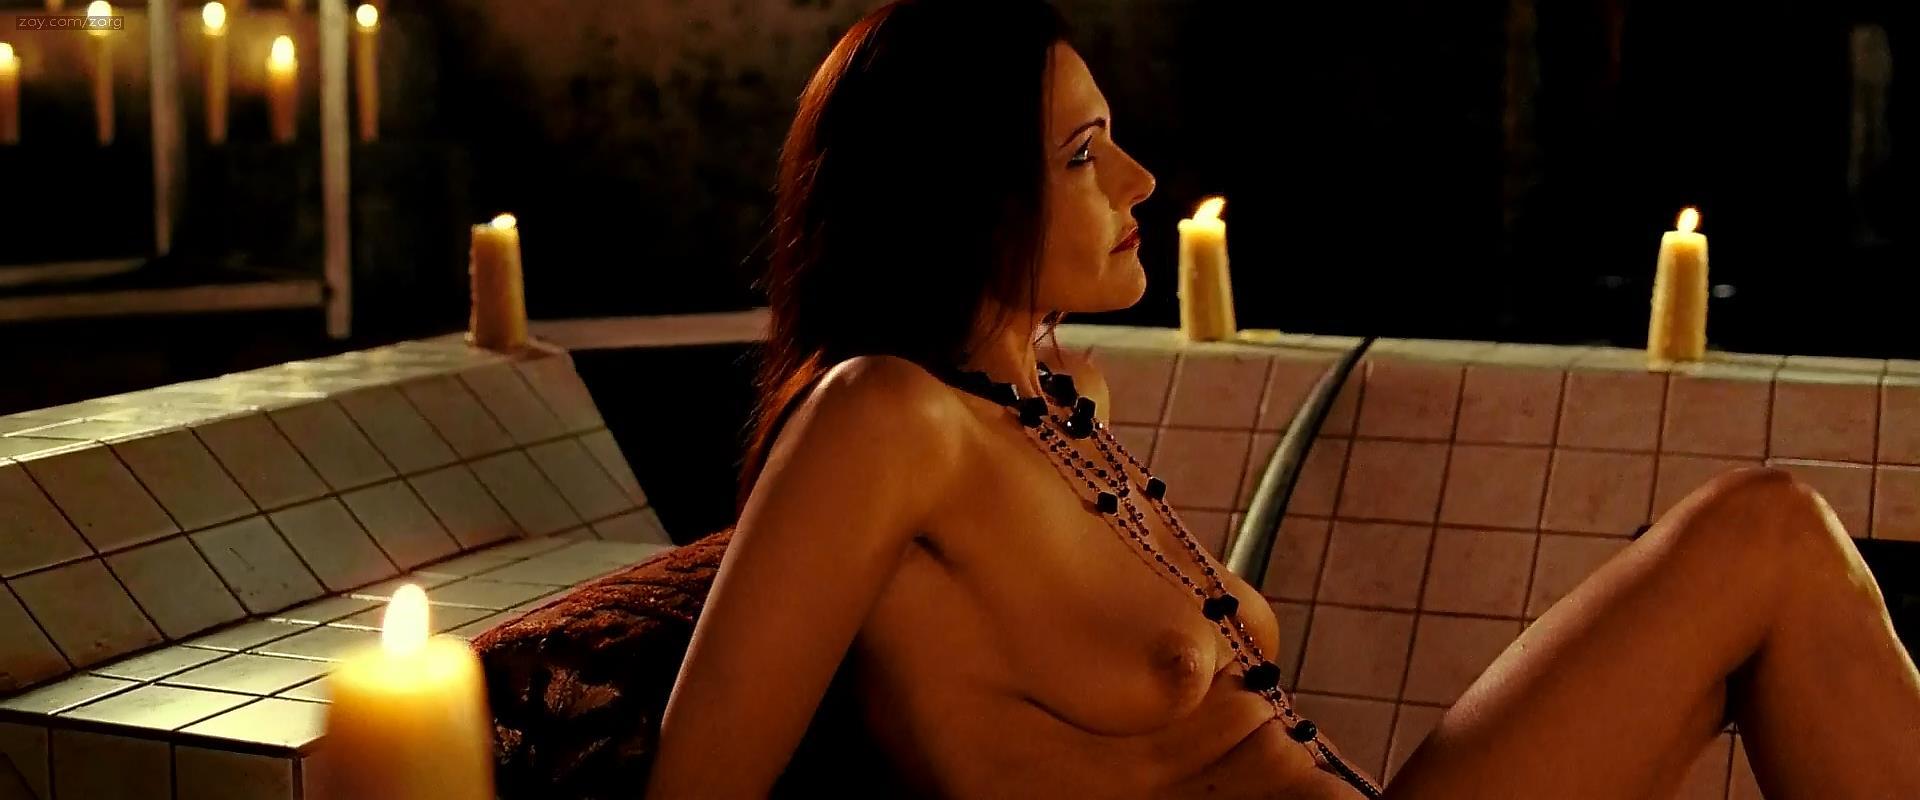 heather matarazzo nude pics